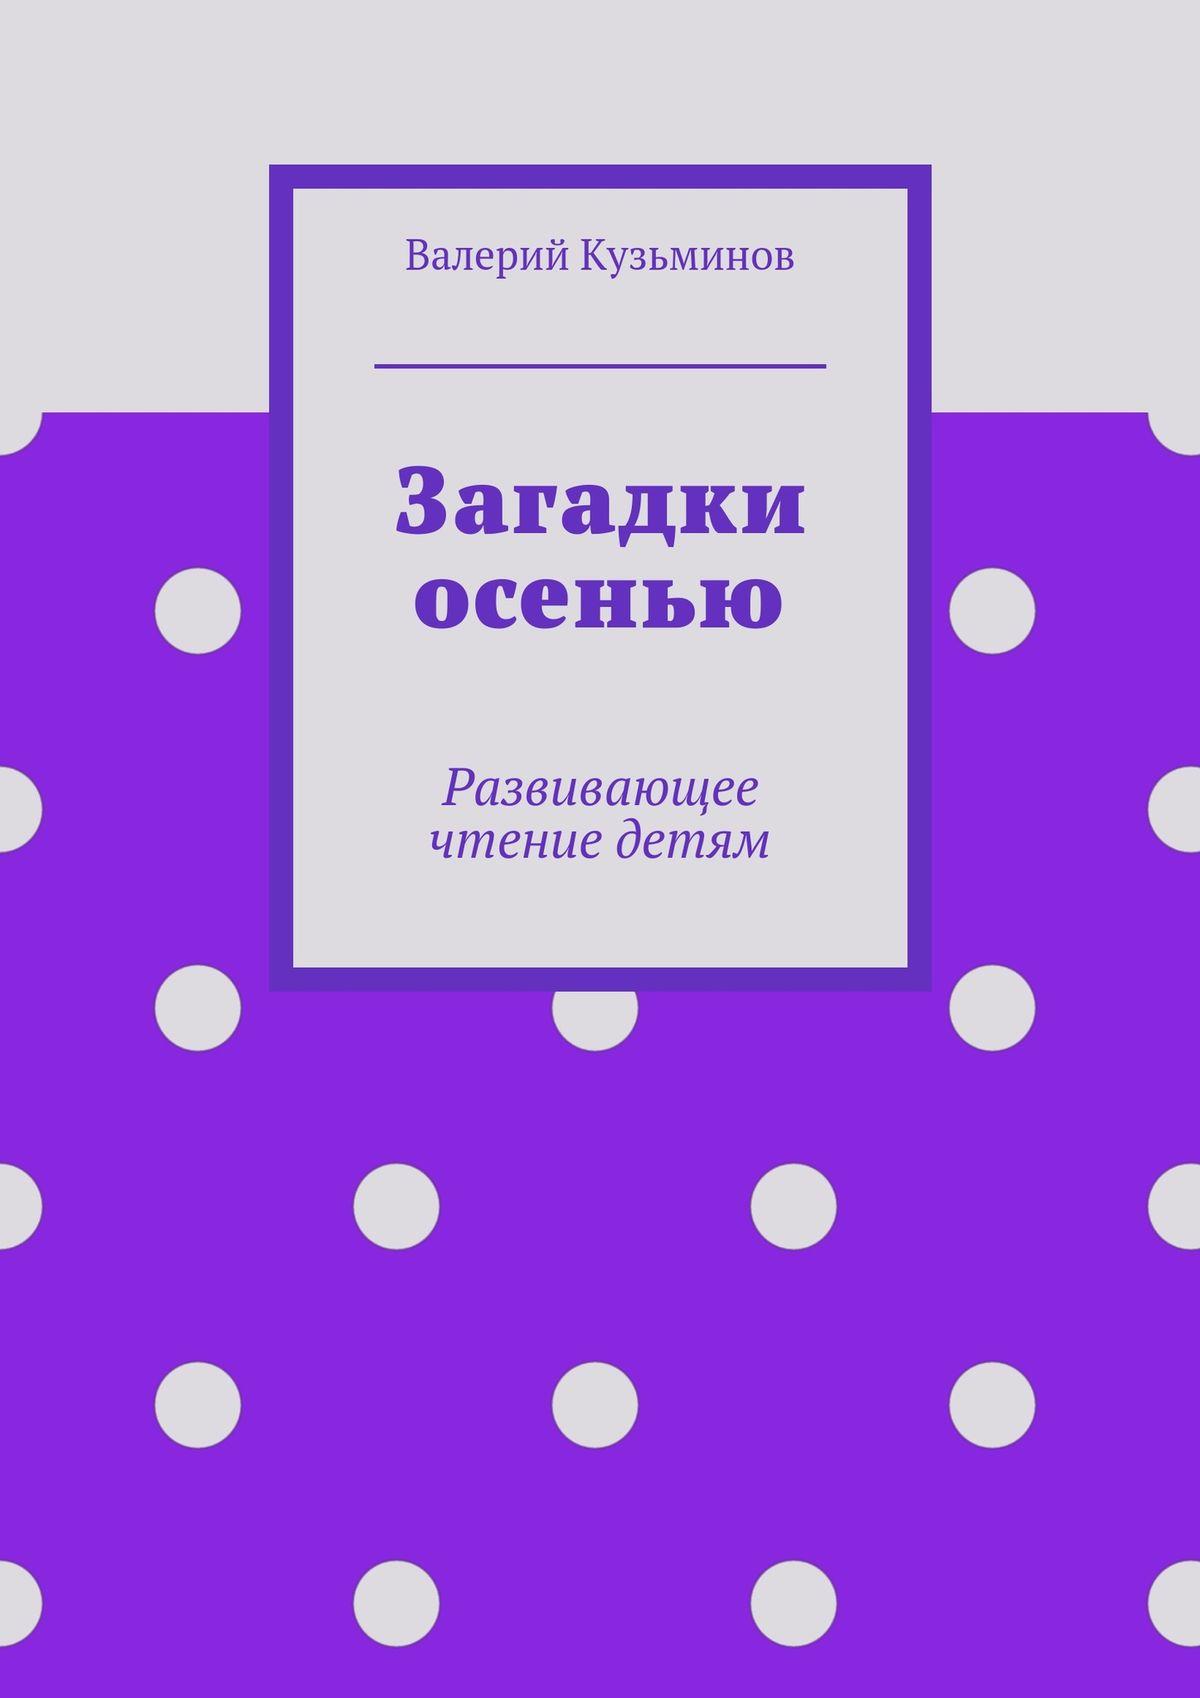 Валерий Кузьминов Загадки осенью